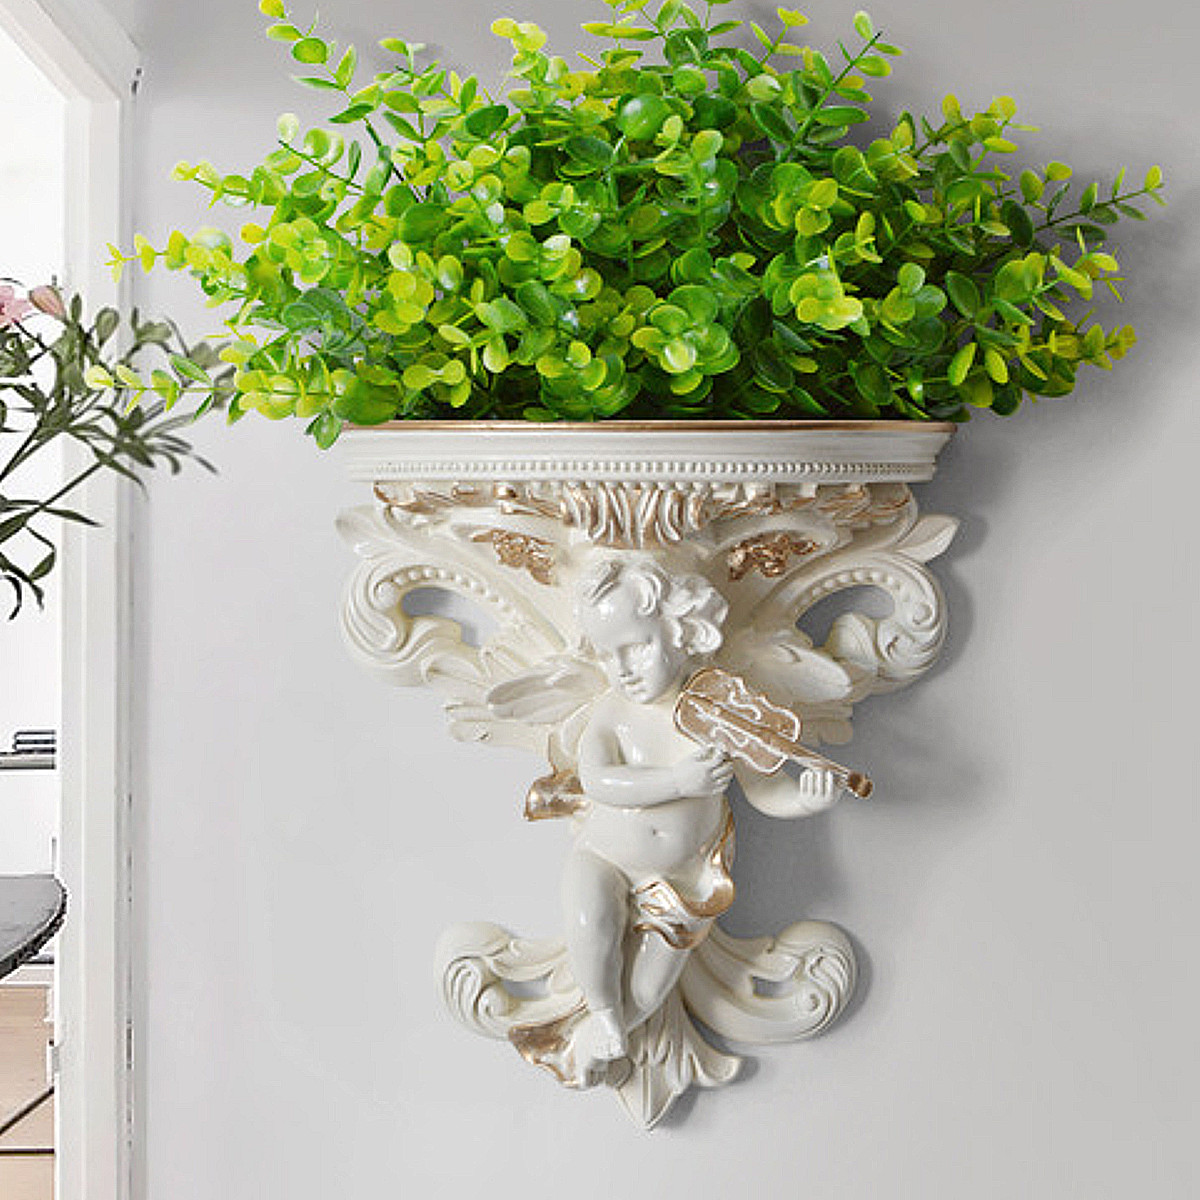 Europeu decoração de casa adesivos anjo tridimensional